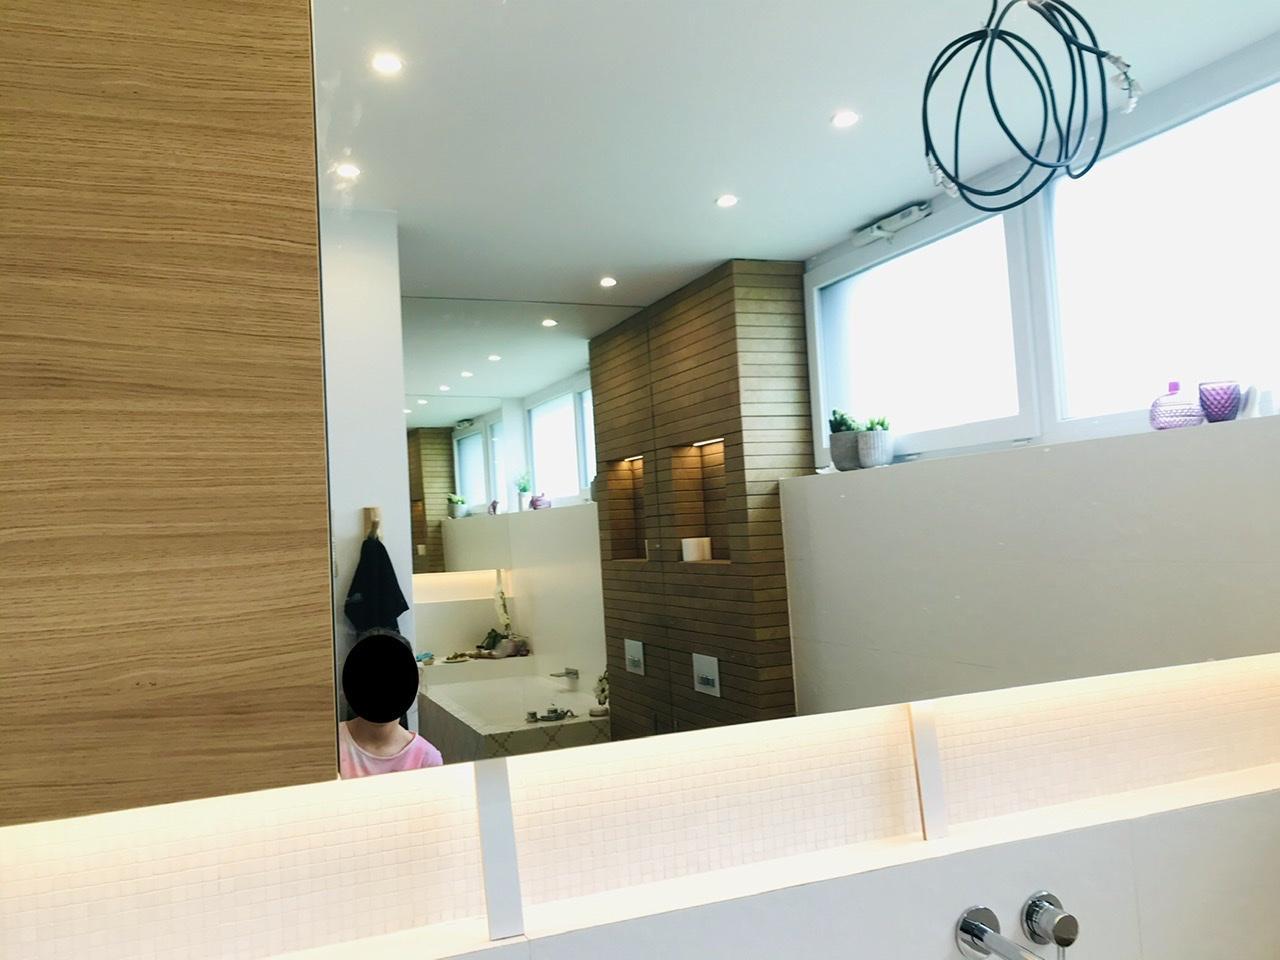 Naše L-ko - 2021 - stále dokončujeme - Montáž dubového nábytku - osadili sme hornu minimalisticku skrinku, ktorá lícuje úroveň veľkoplošného zrkadla. Obe su nad nikou ktora je po celej šírke miestnosti. Majstri sa trochu pri výstavbe potrápili ale montážou nábytku sa to celé kompletuje.